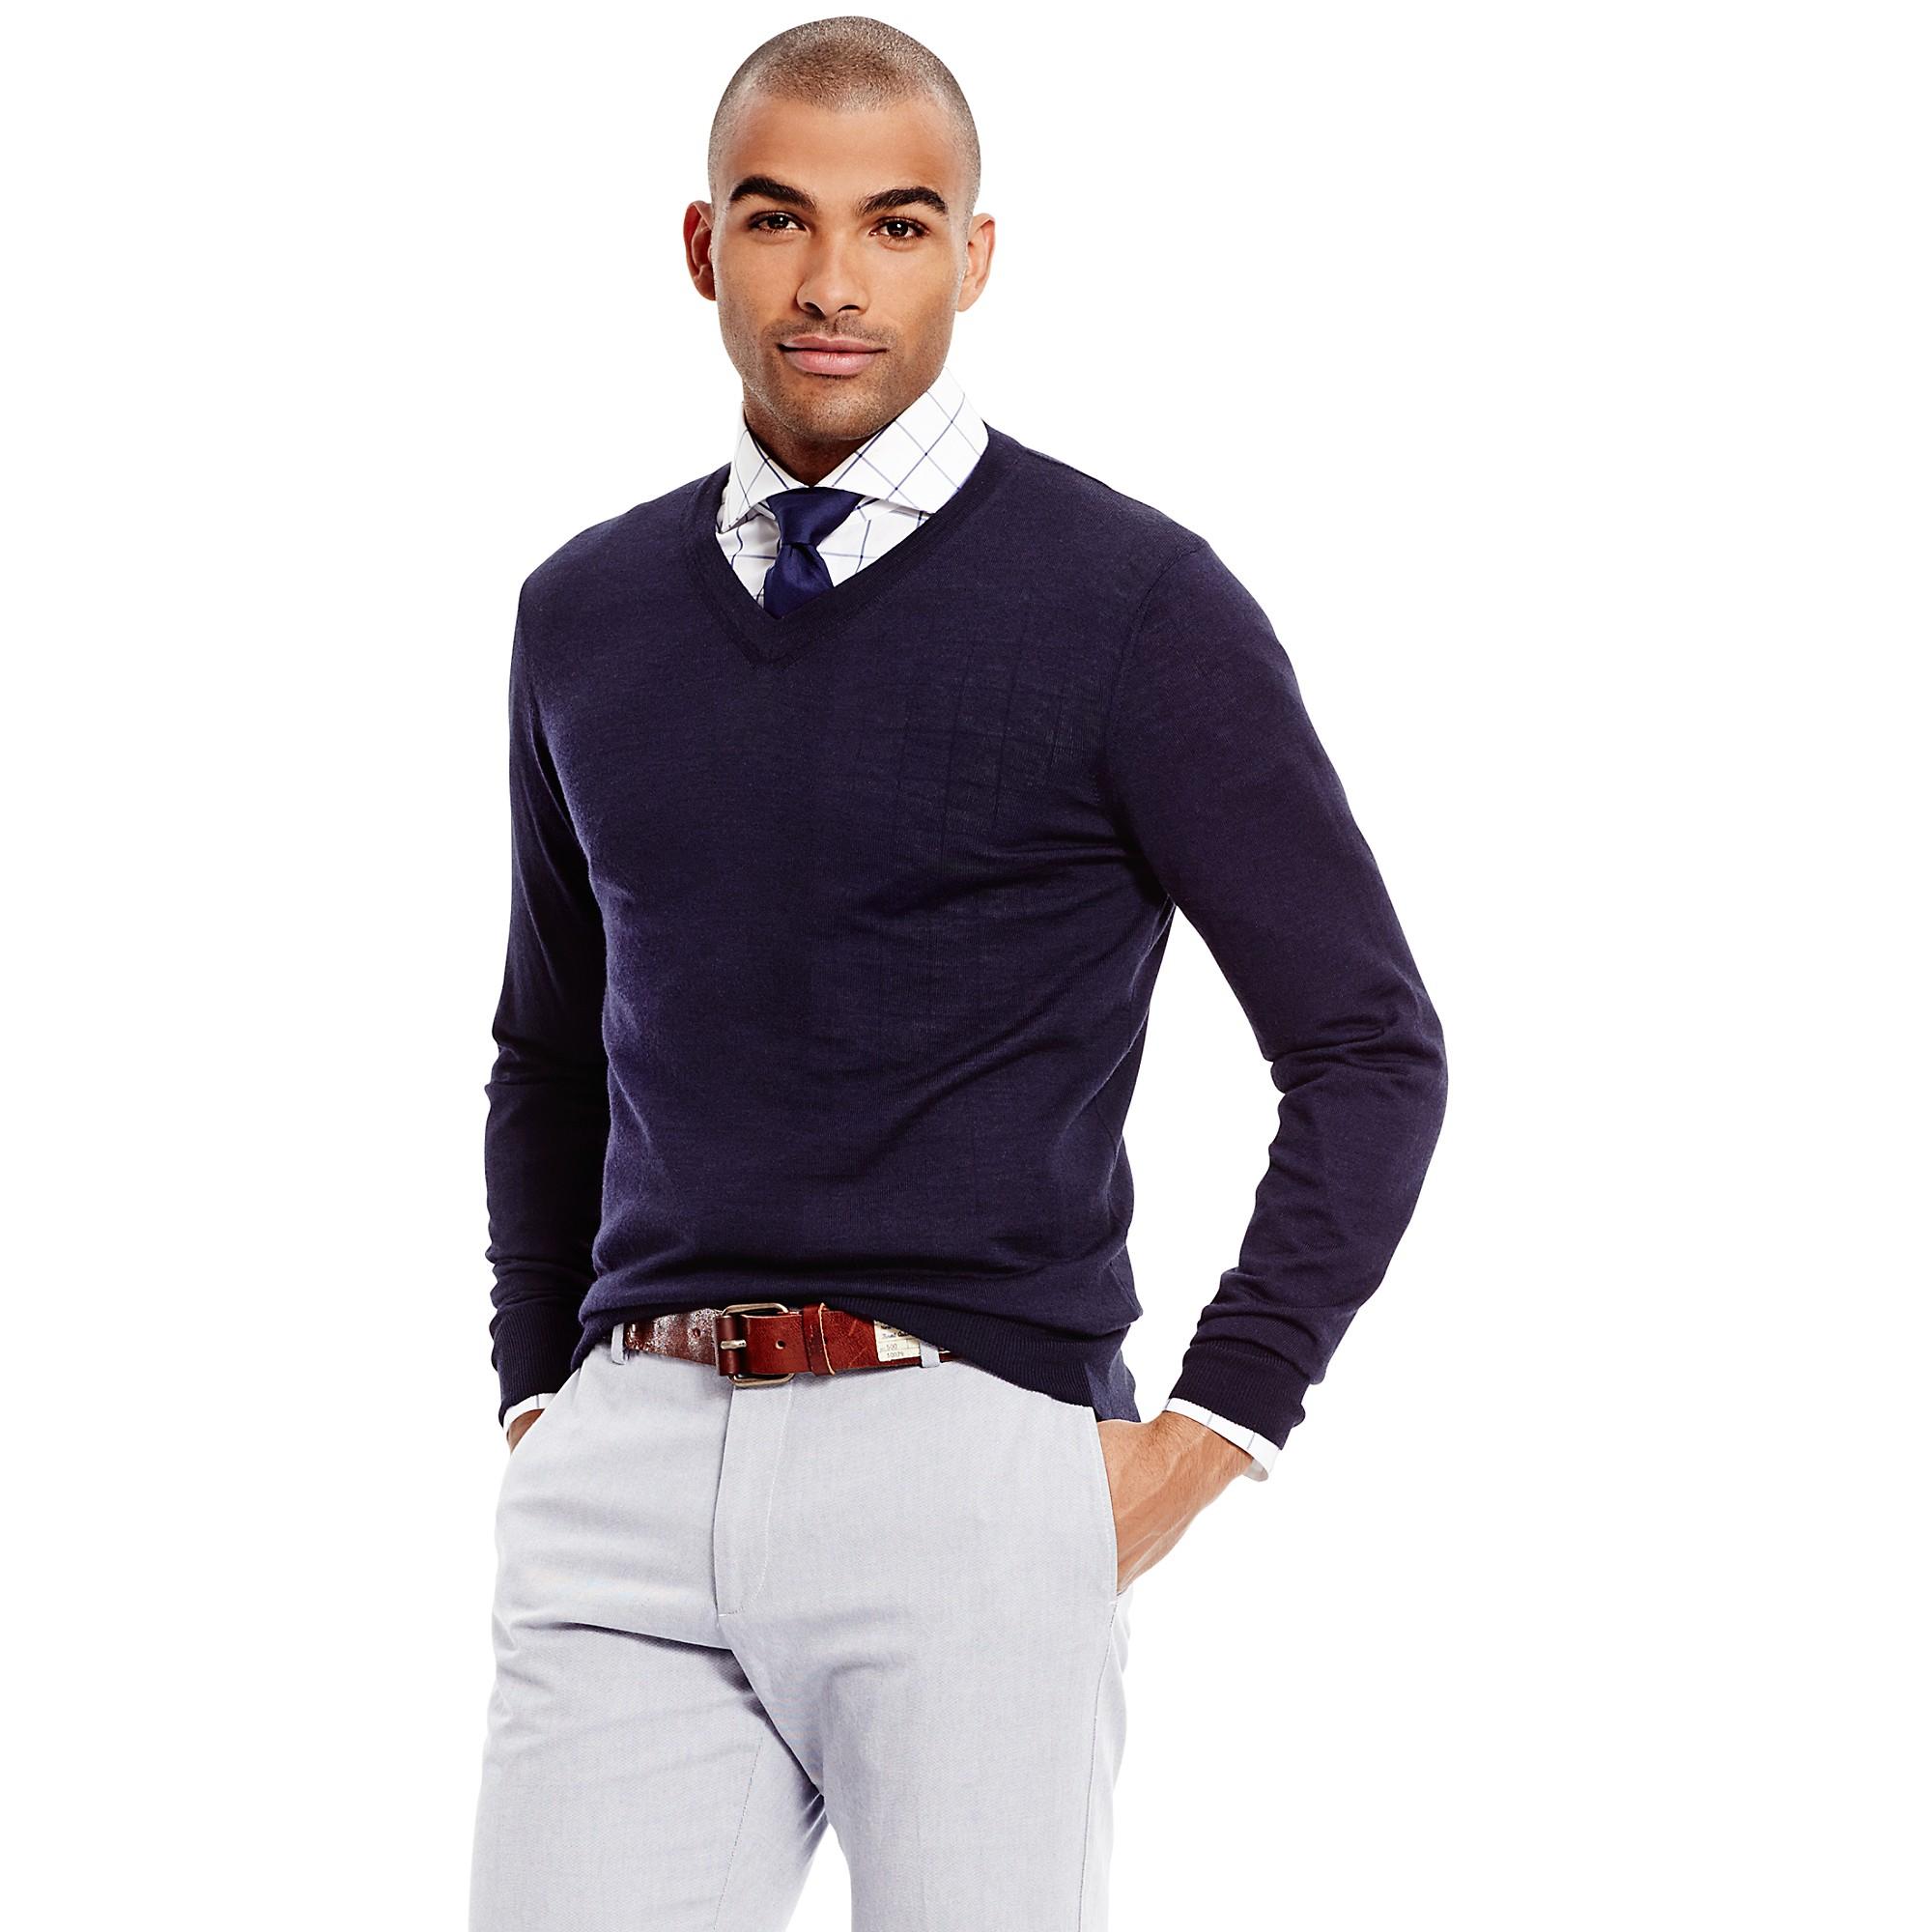 tommy hilfiger wool v neck sweater in blue for men navy. Black Bedroom Furniture Sets. Home Design Ideas